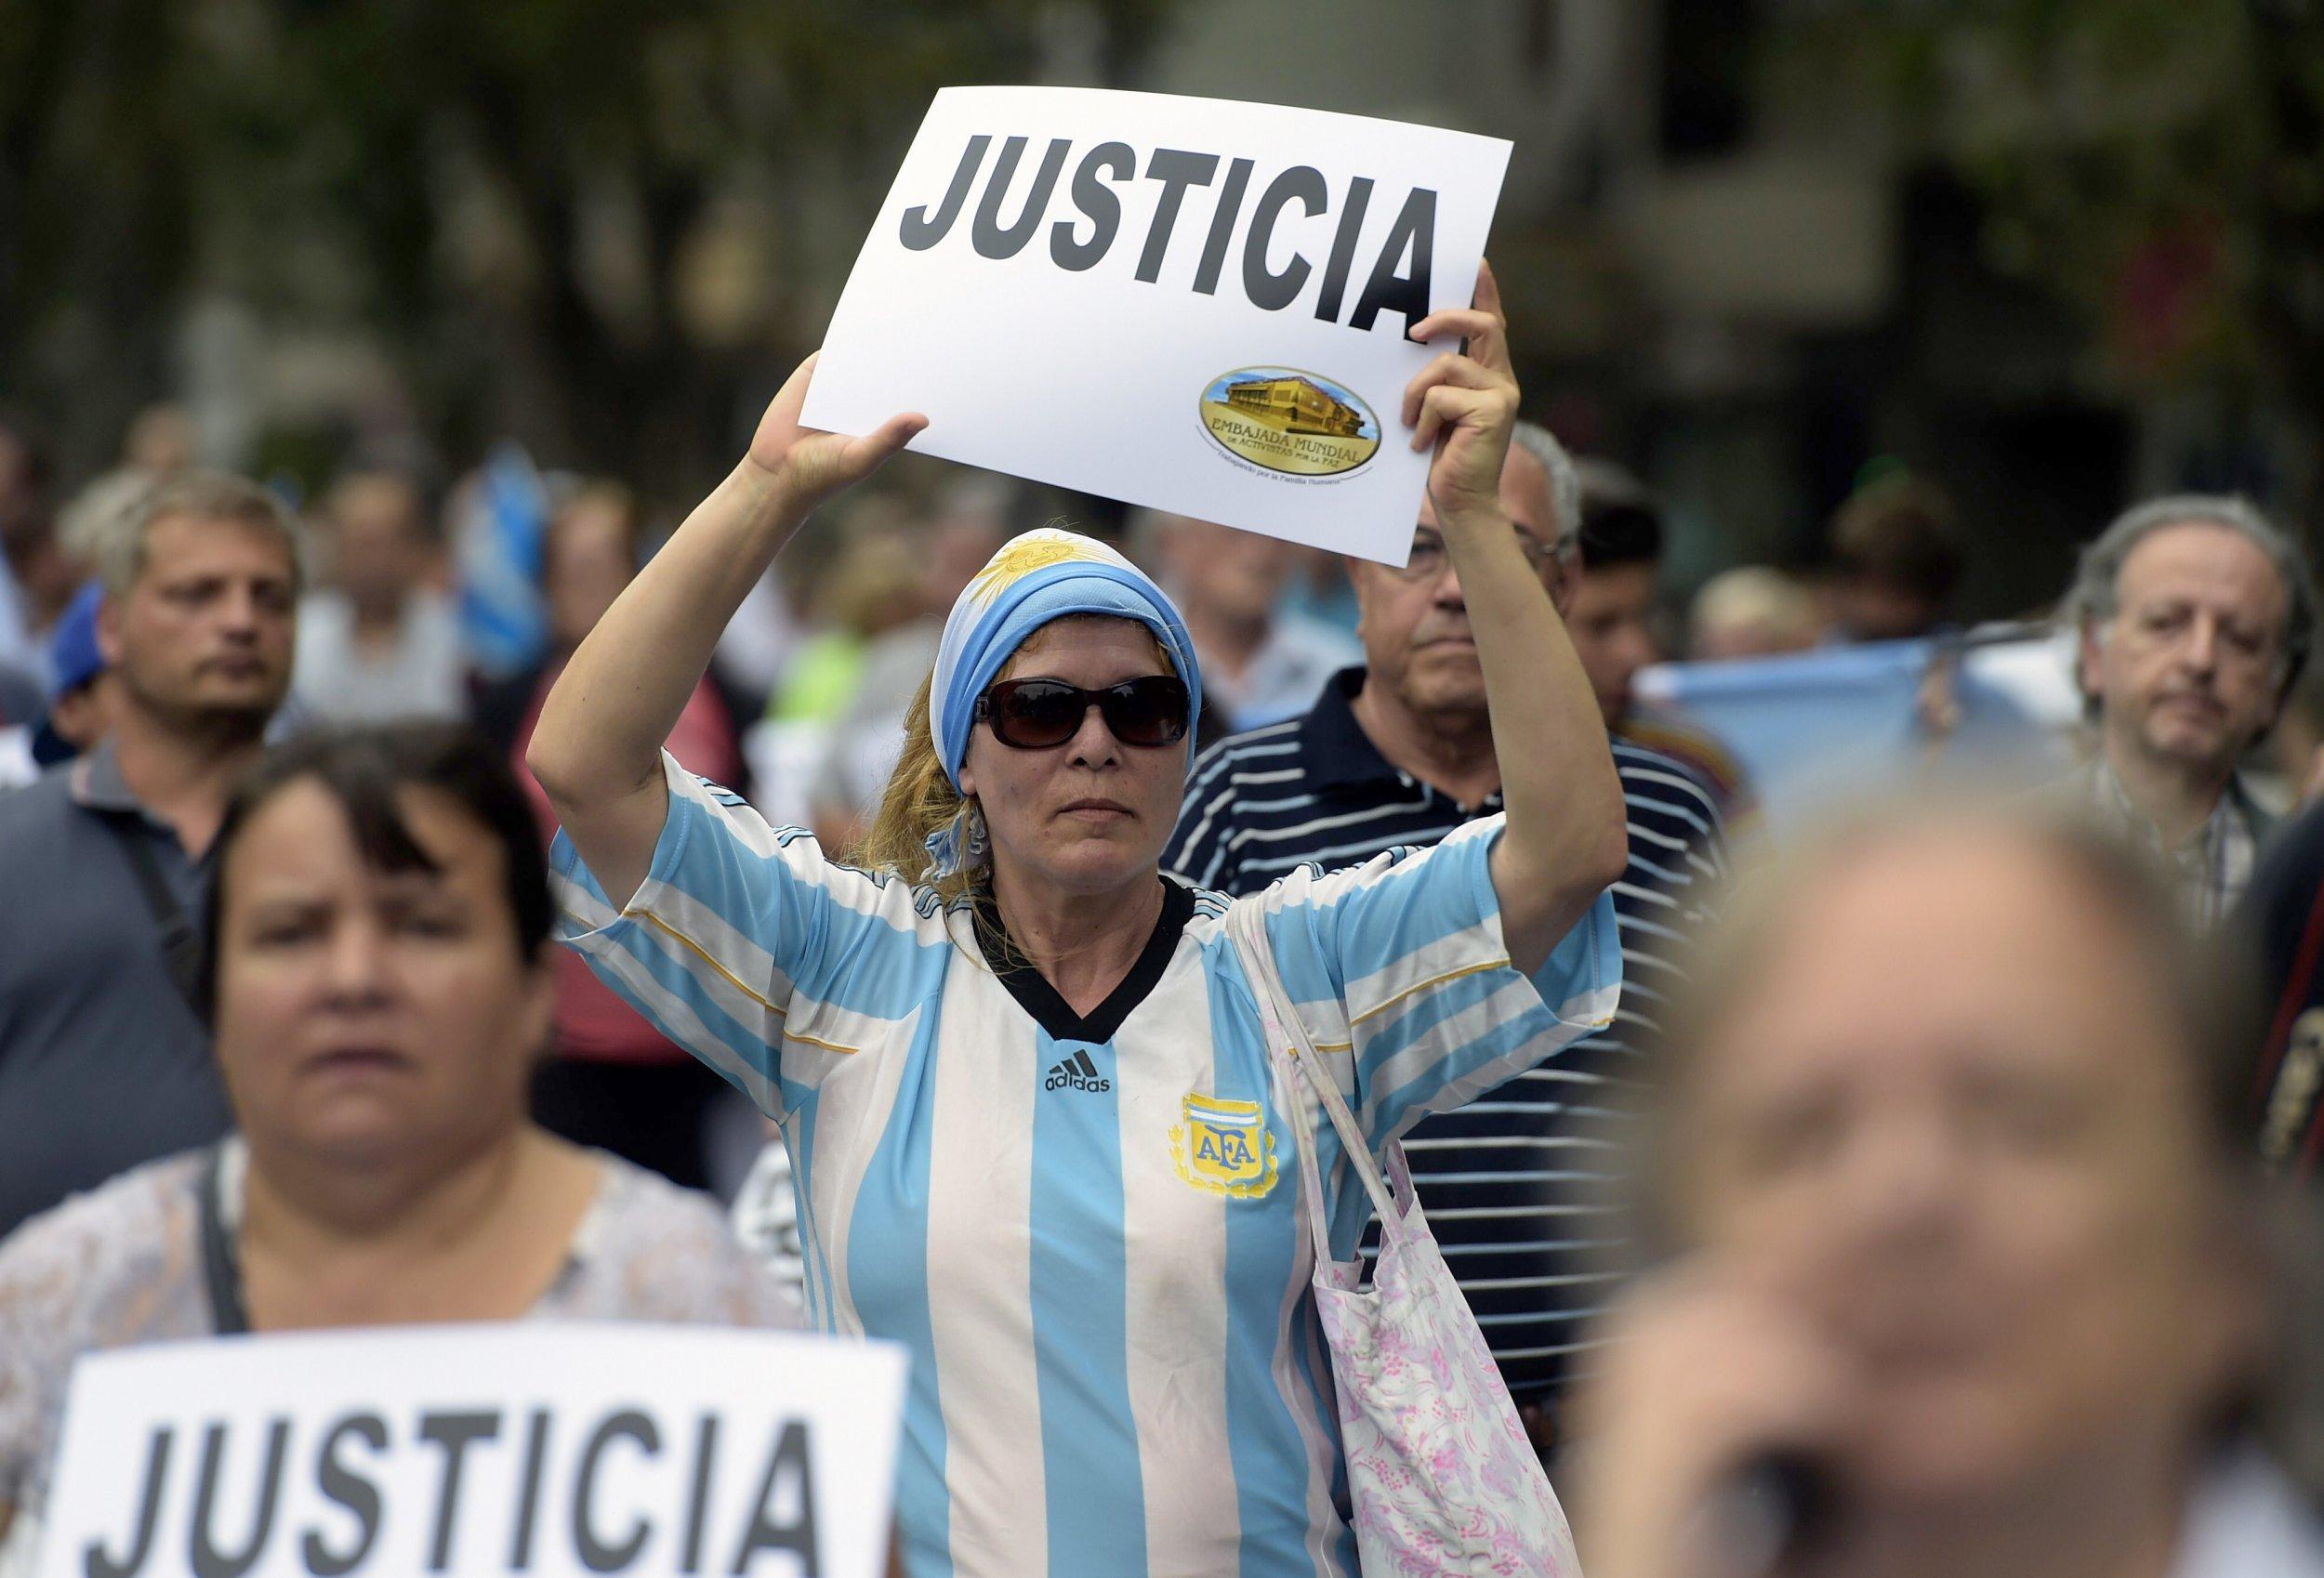 04_05_Argentina Justice_01